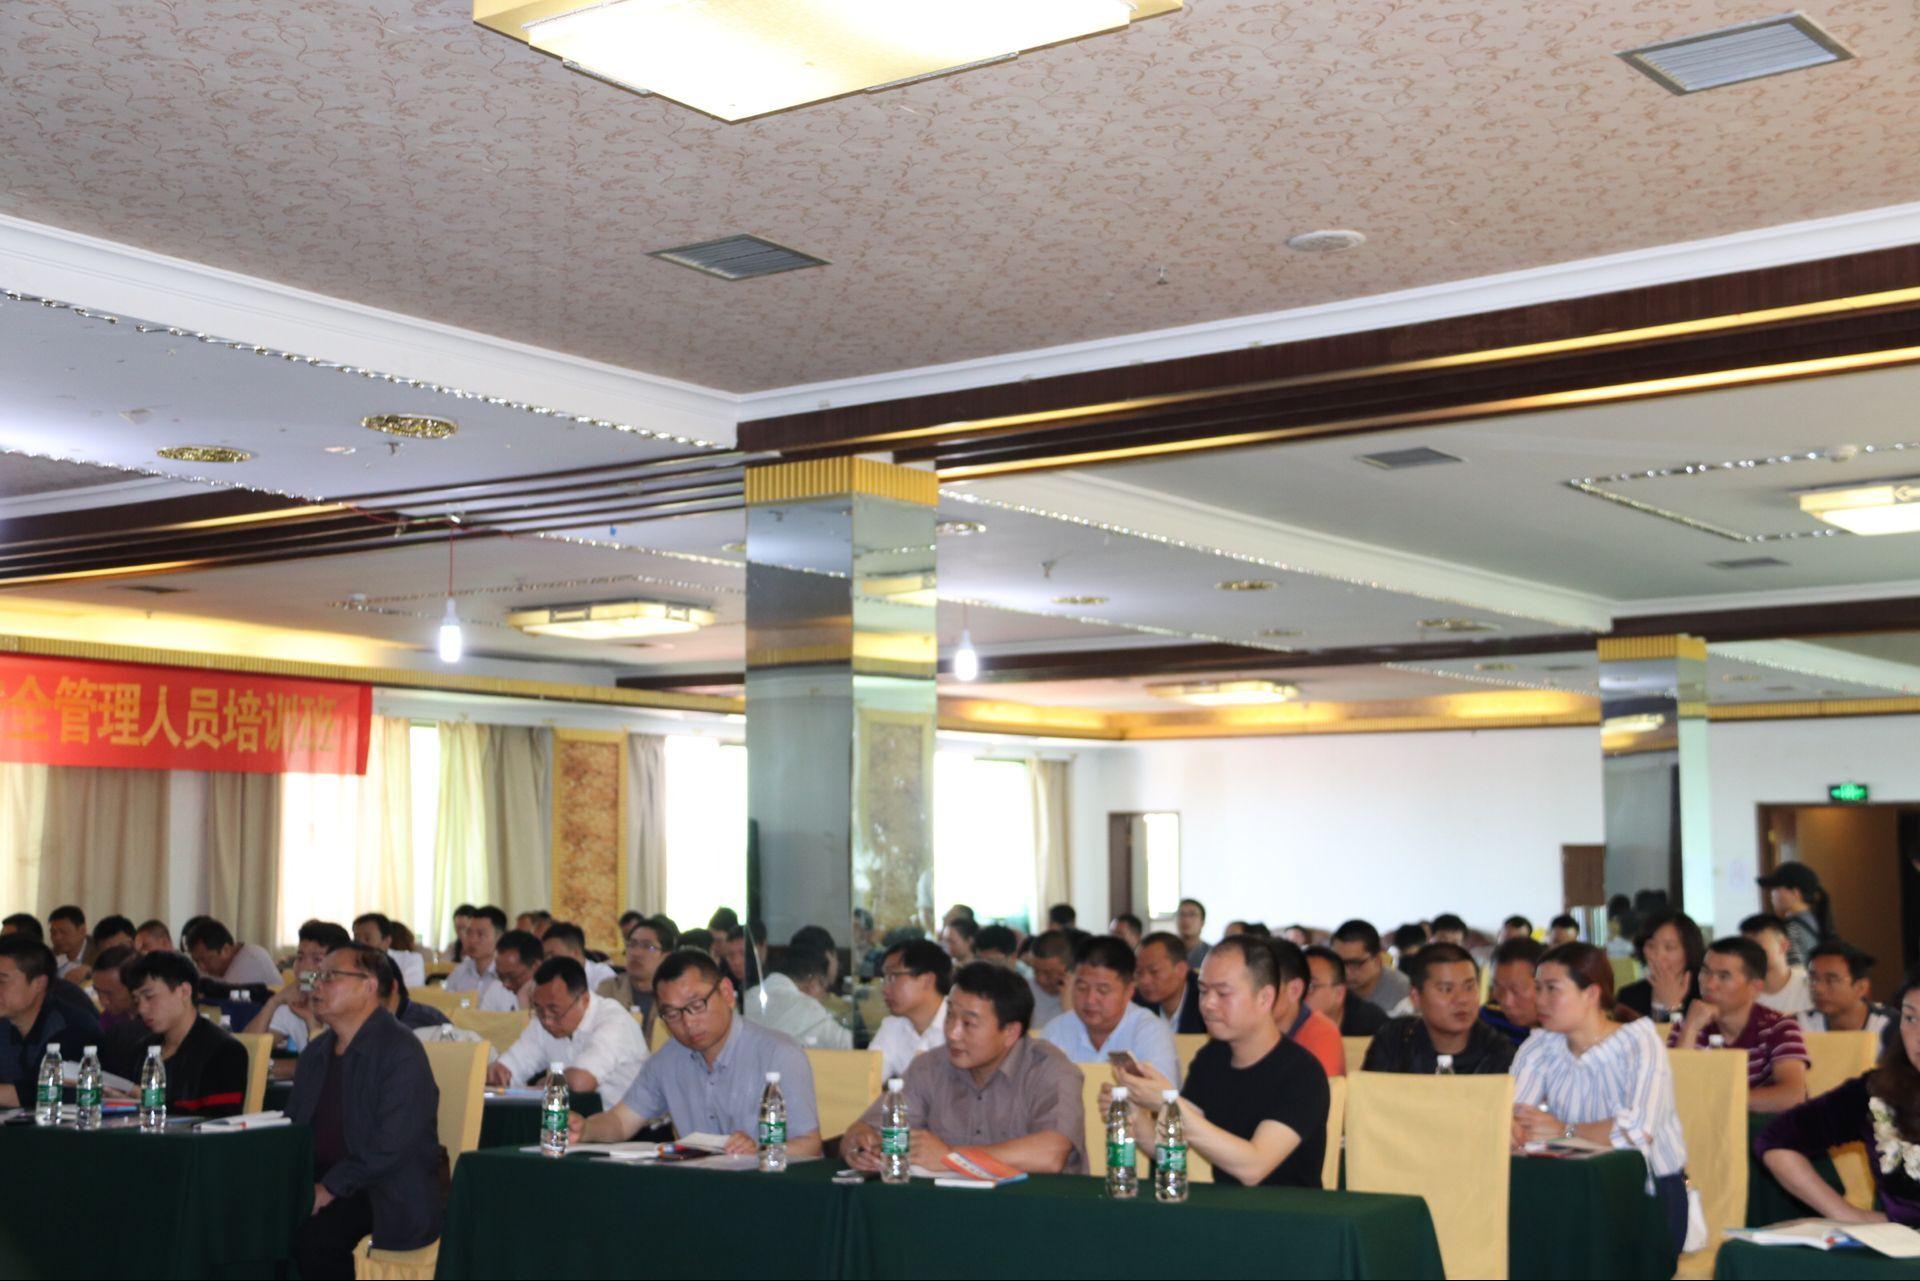 市安协积极推进安全学问建设,工贸企业安全培训精彩开讲!